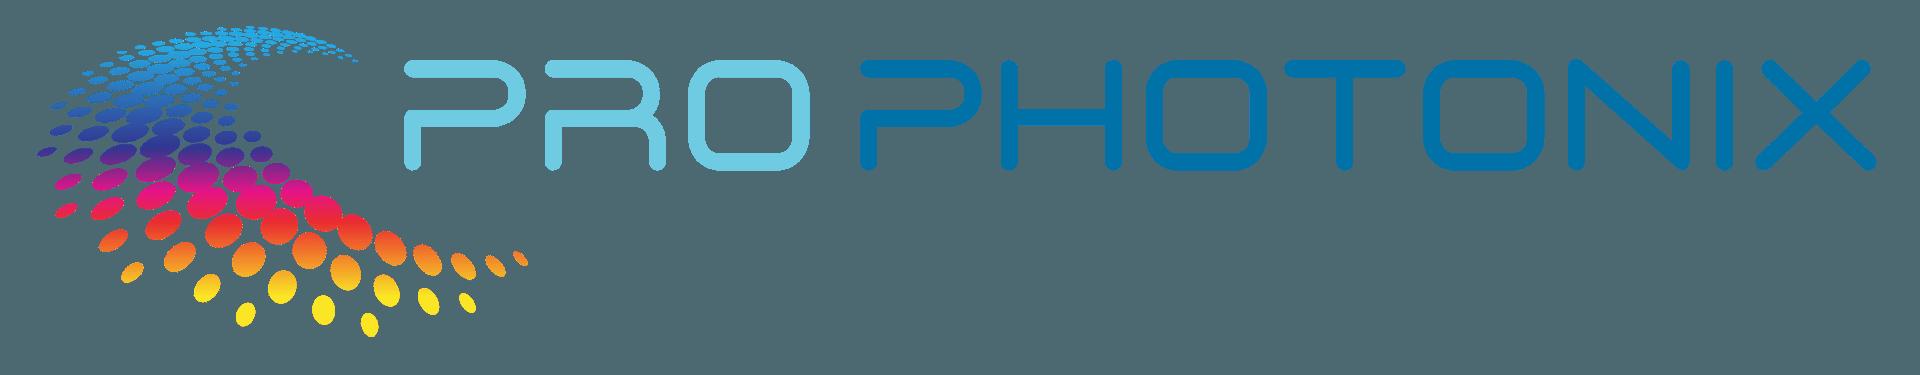 ProPhotonix: OEM LED Lights and Laser Modules Manufacturer